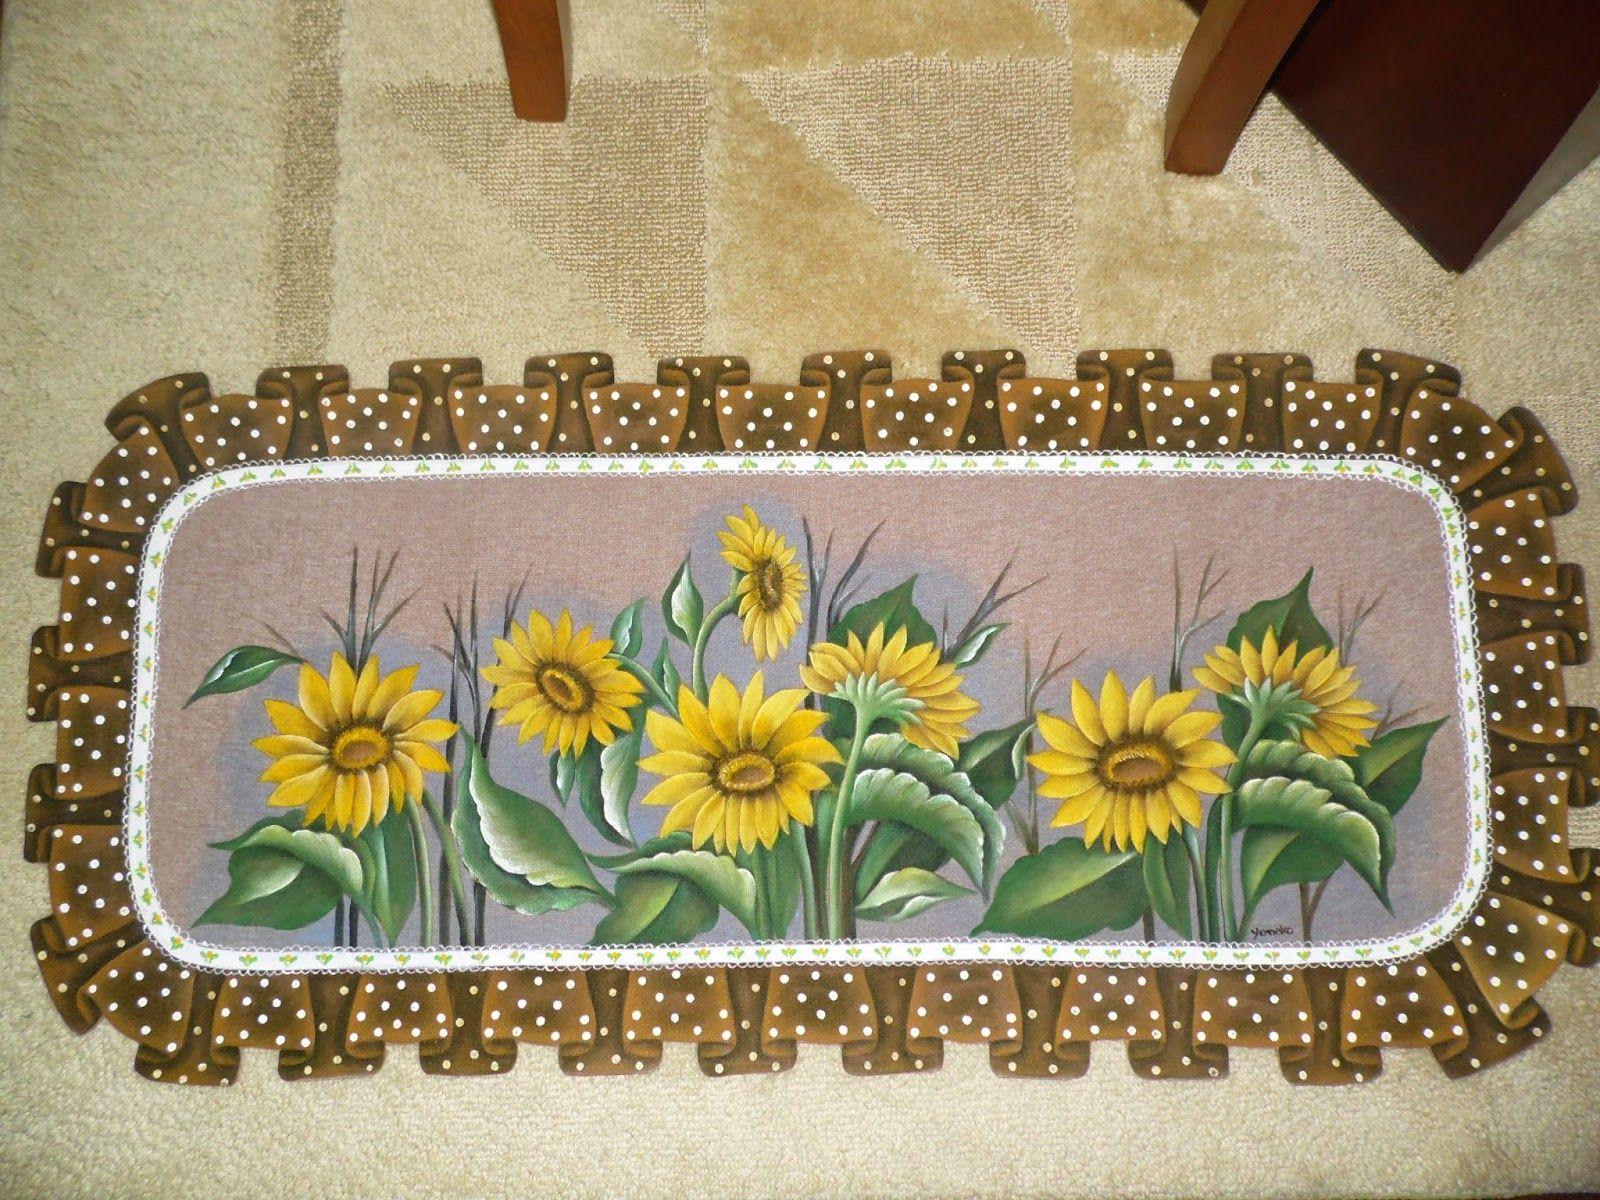 Yoneko Arte Tapete Emborrachado Pintado A M O Risco Pintura  -> Tapete De Sala Pintado